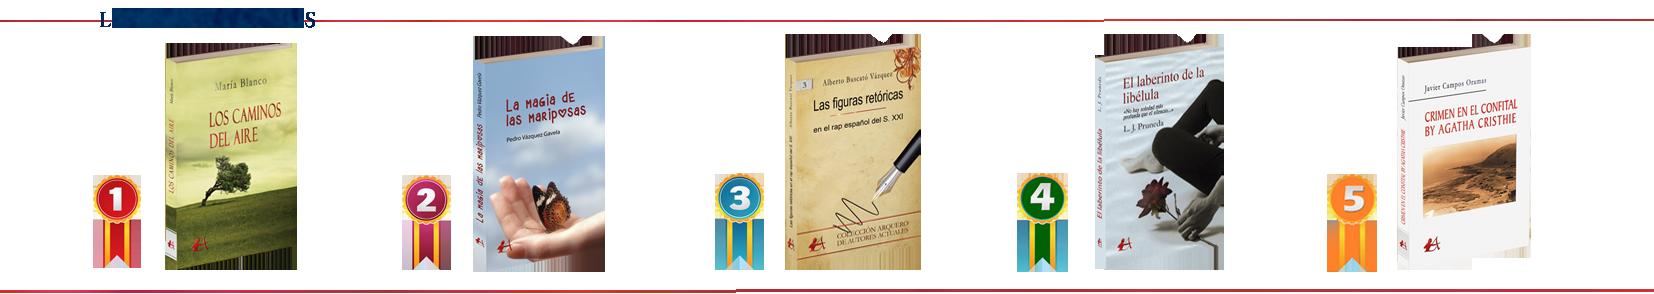 Los libros más vendidos de Editorial Adarve